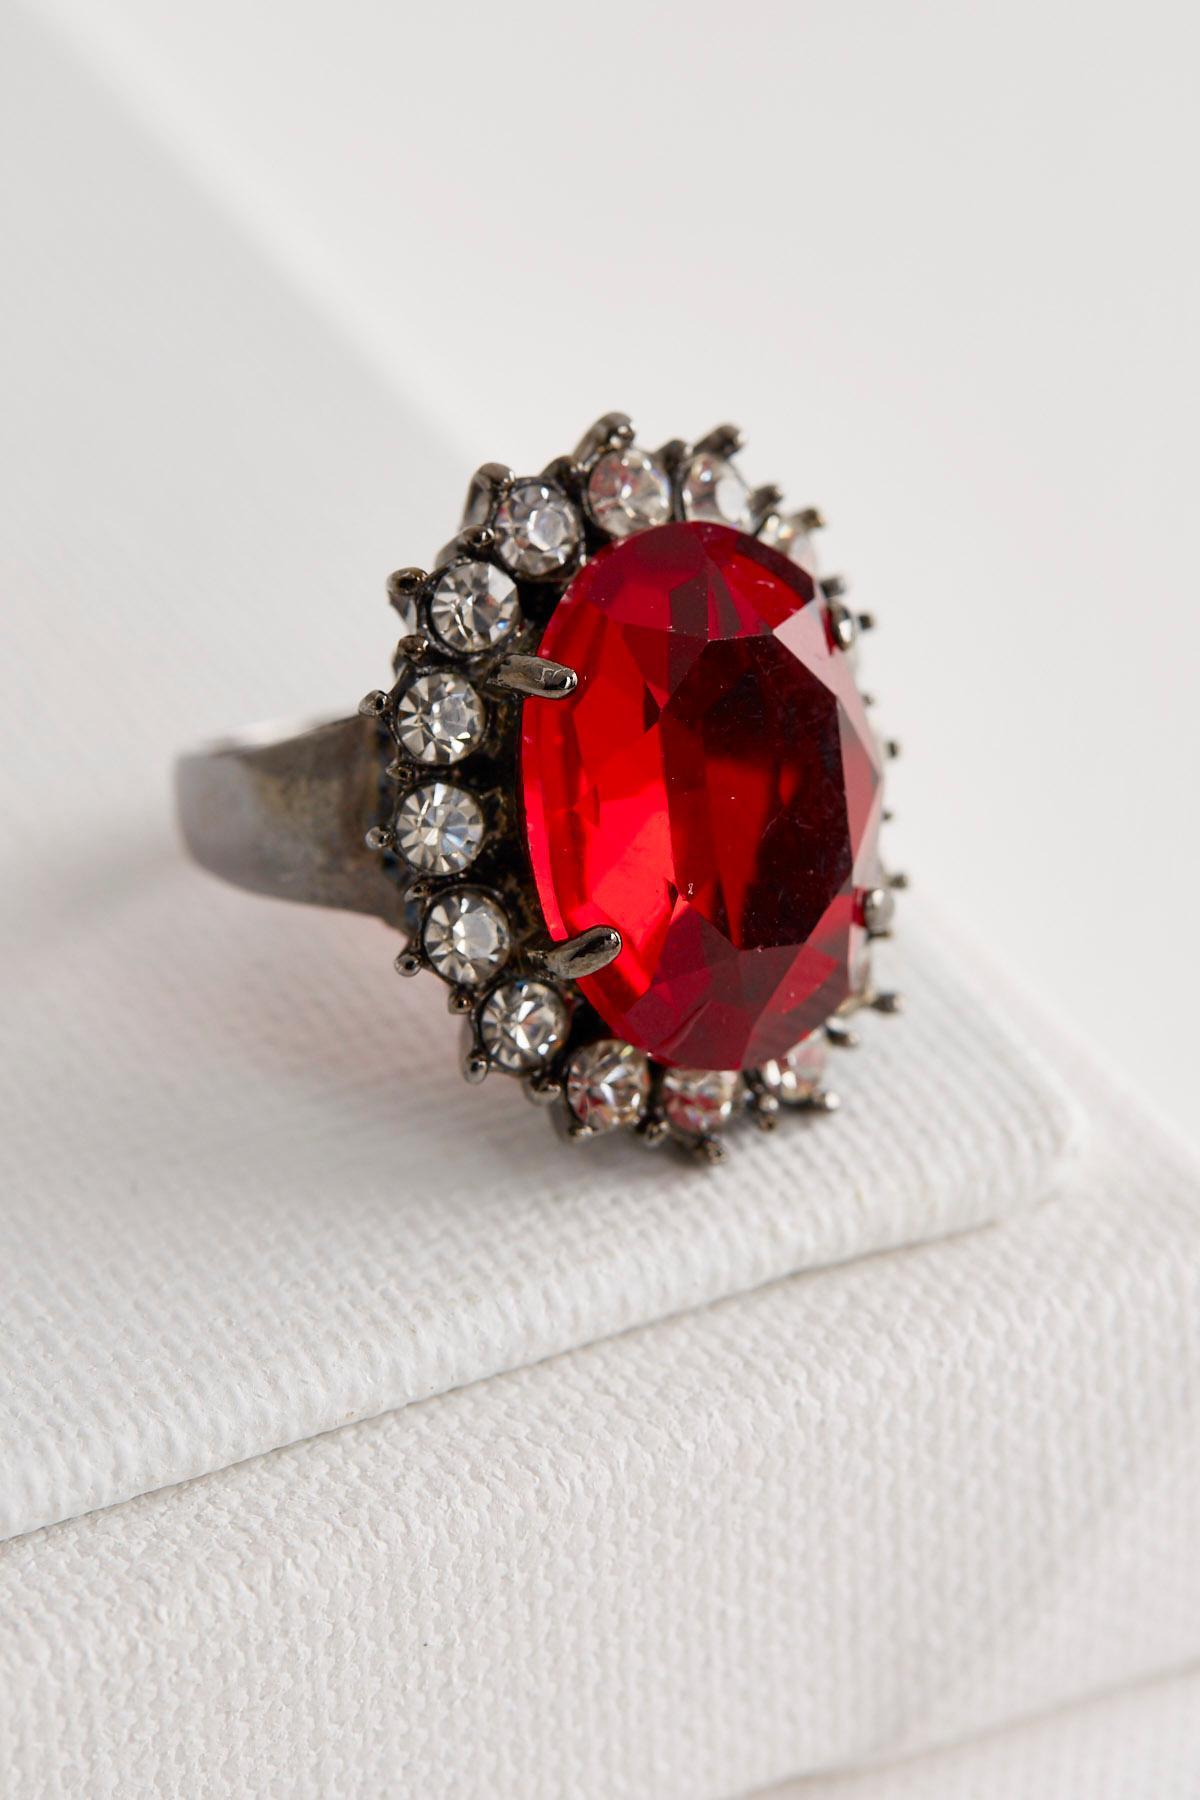 Oversized Haloed Stone Ring